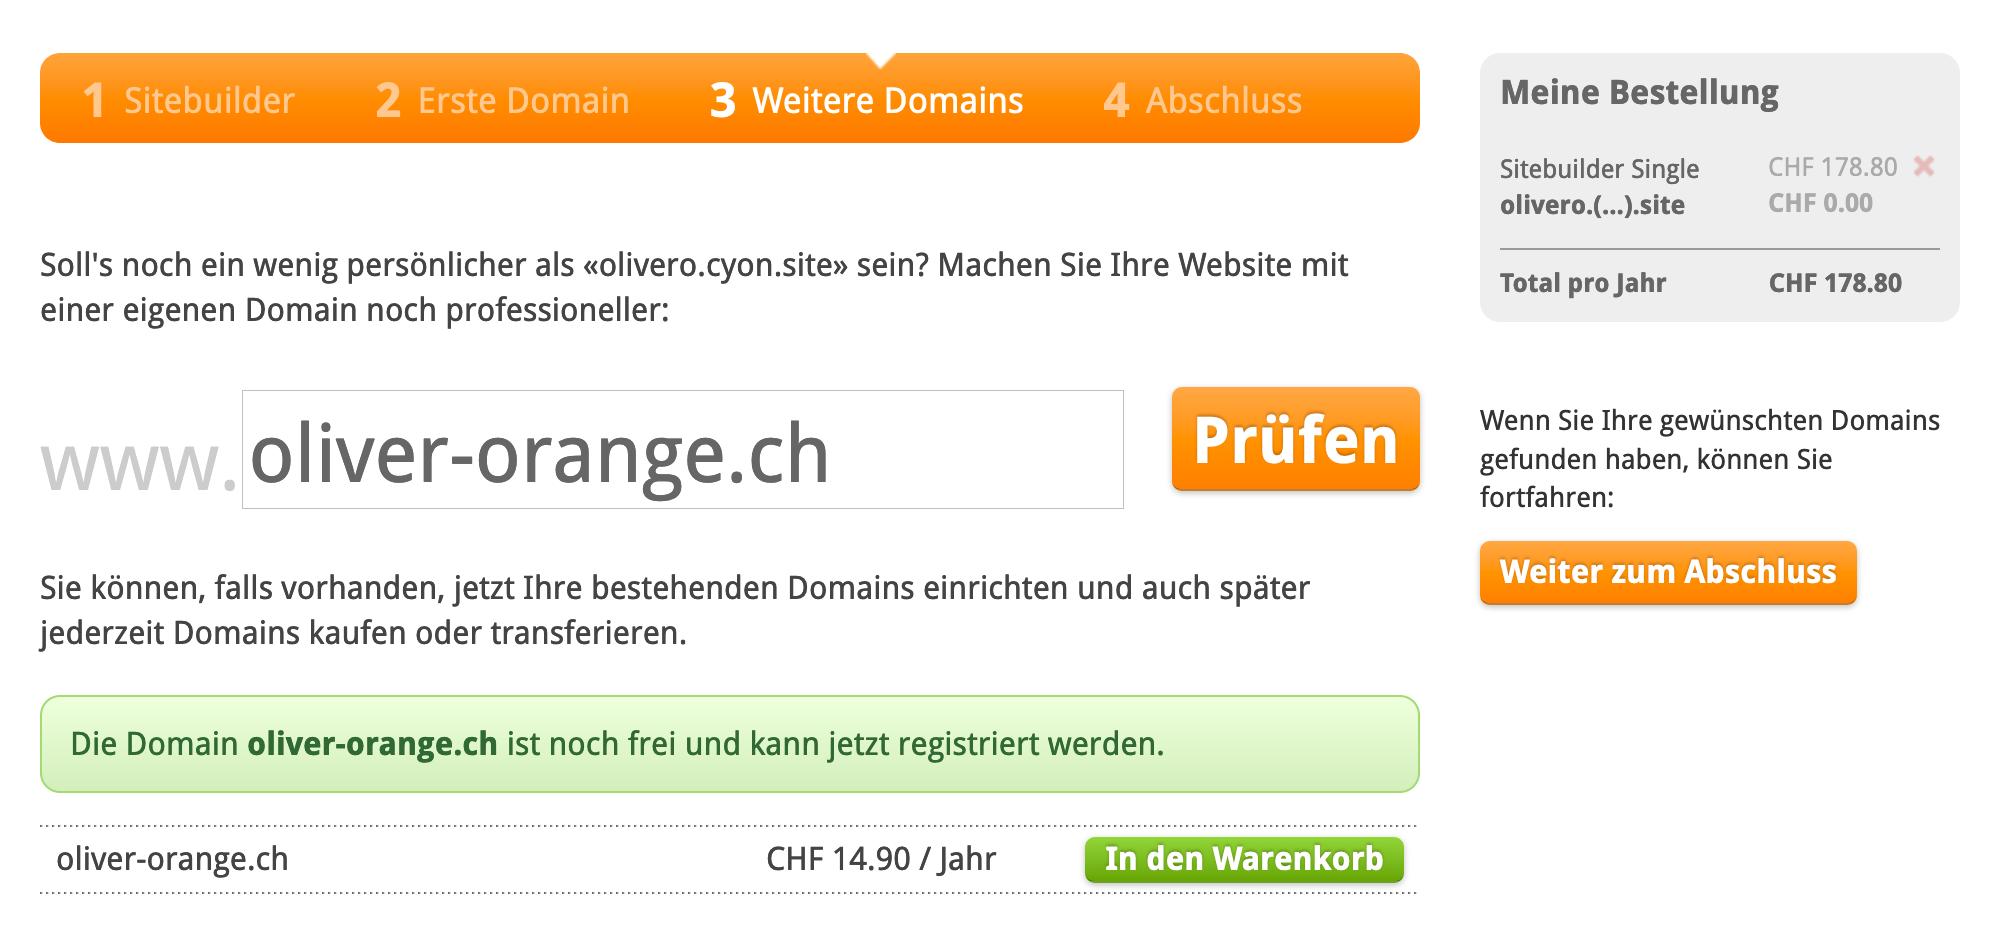 Eigene Domain registrieren und einrichten